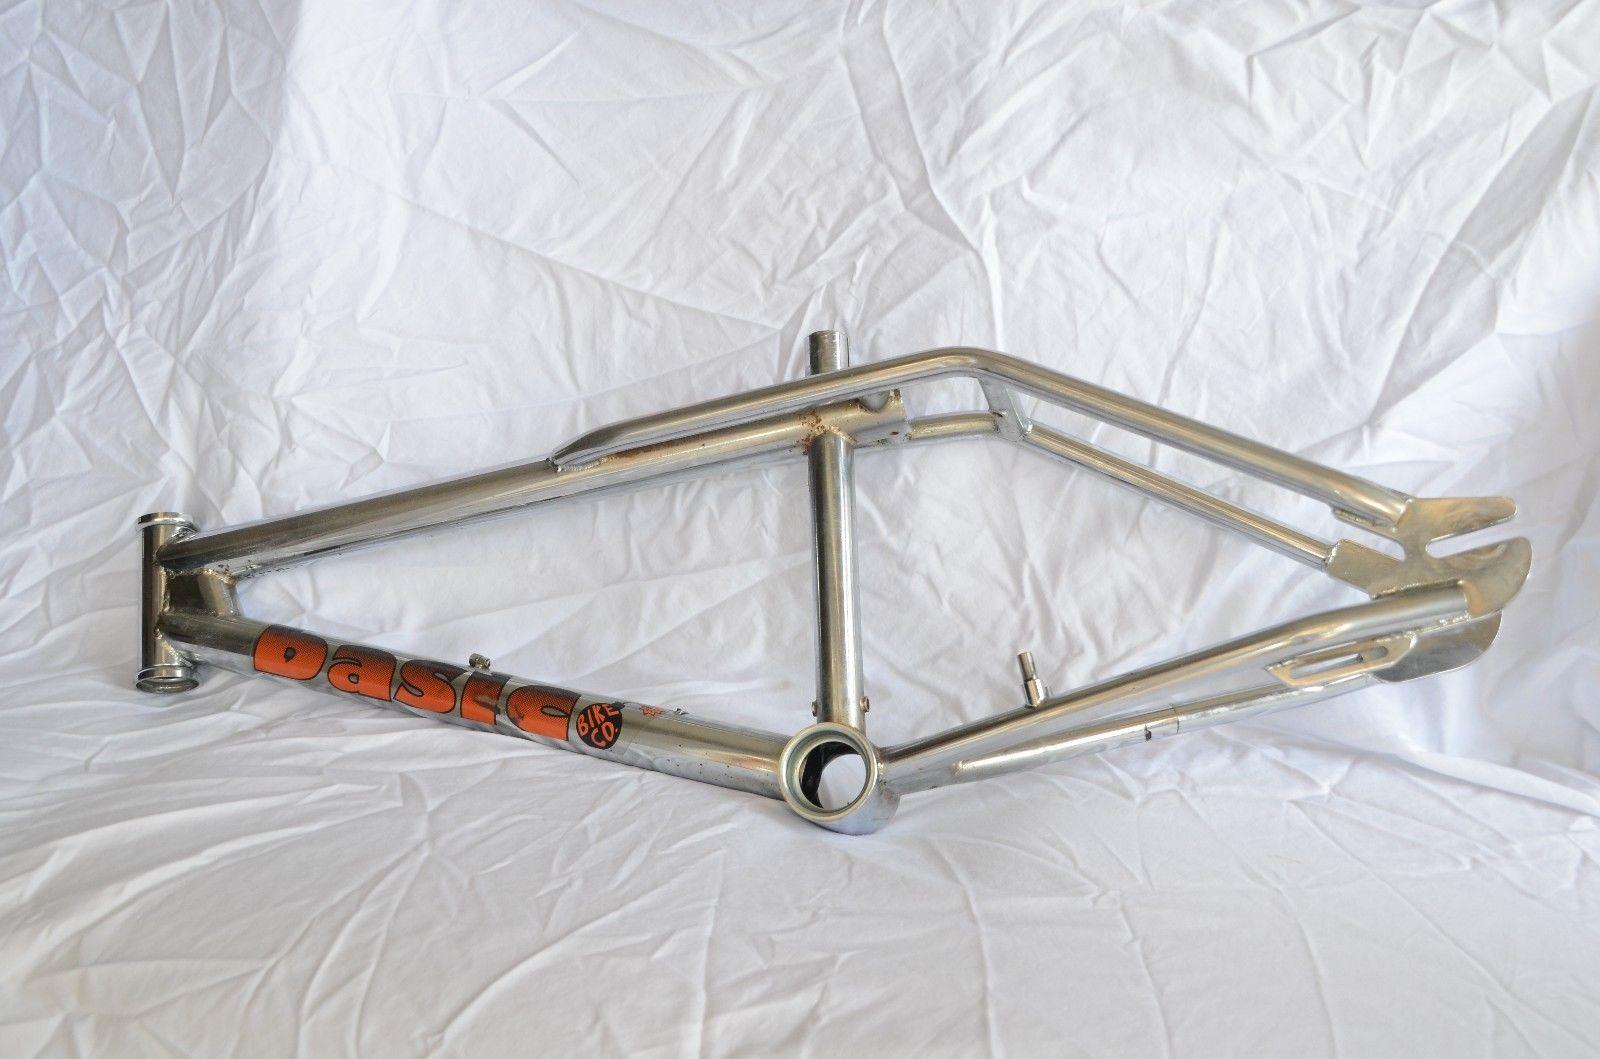 http://uploads.bmxmuseum.com/user-images/74011/1993-bbc-sth-559e159162b.jpg